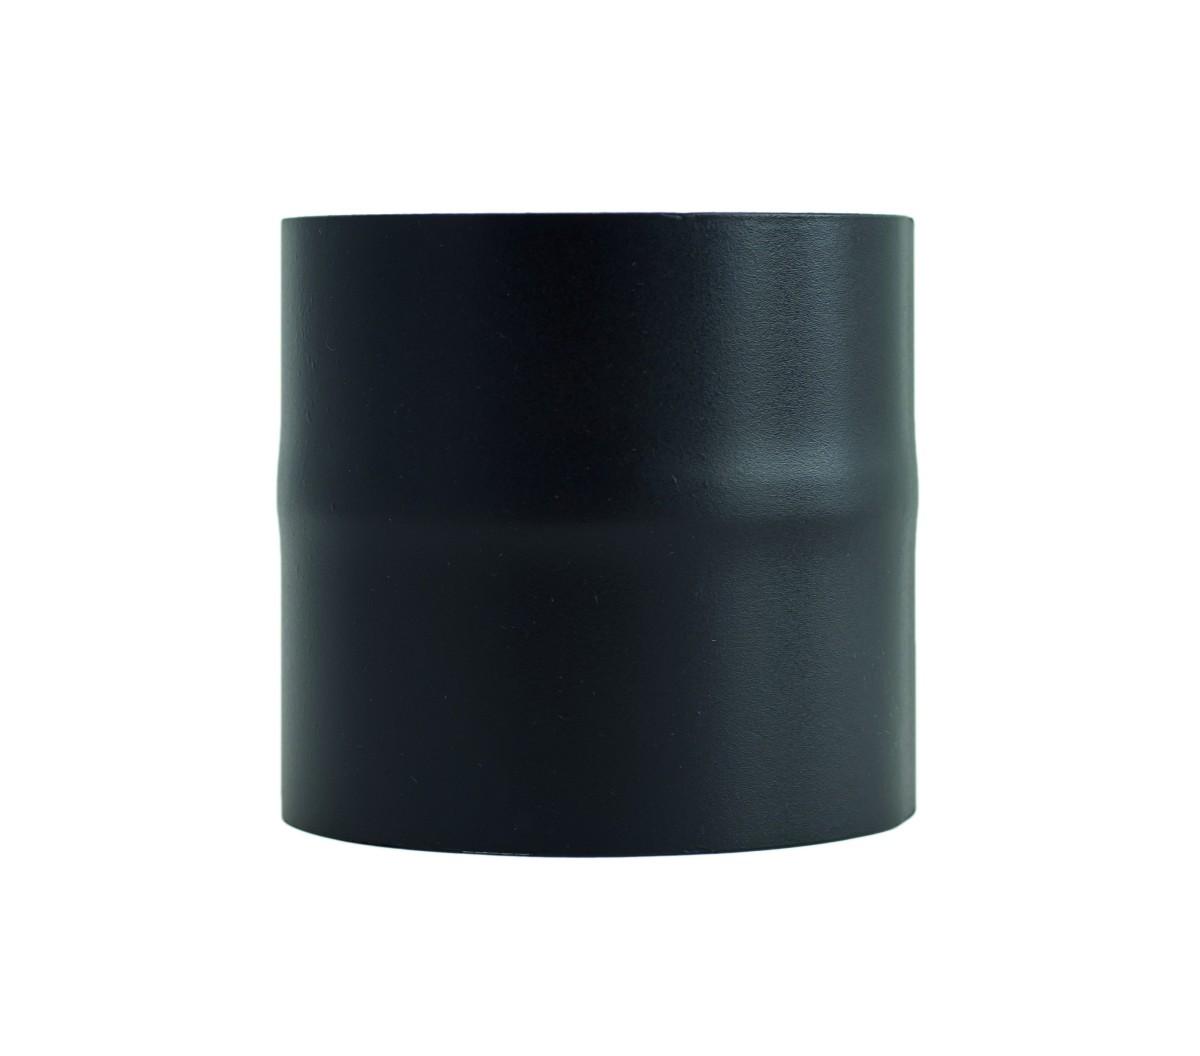 Manguito hembra-hembra 150 mm